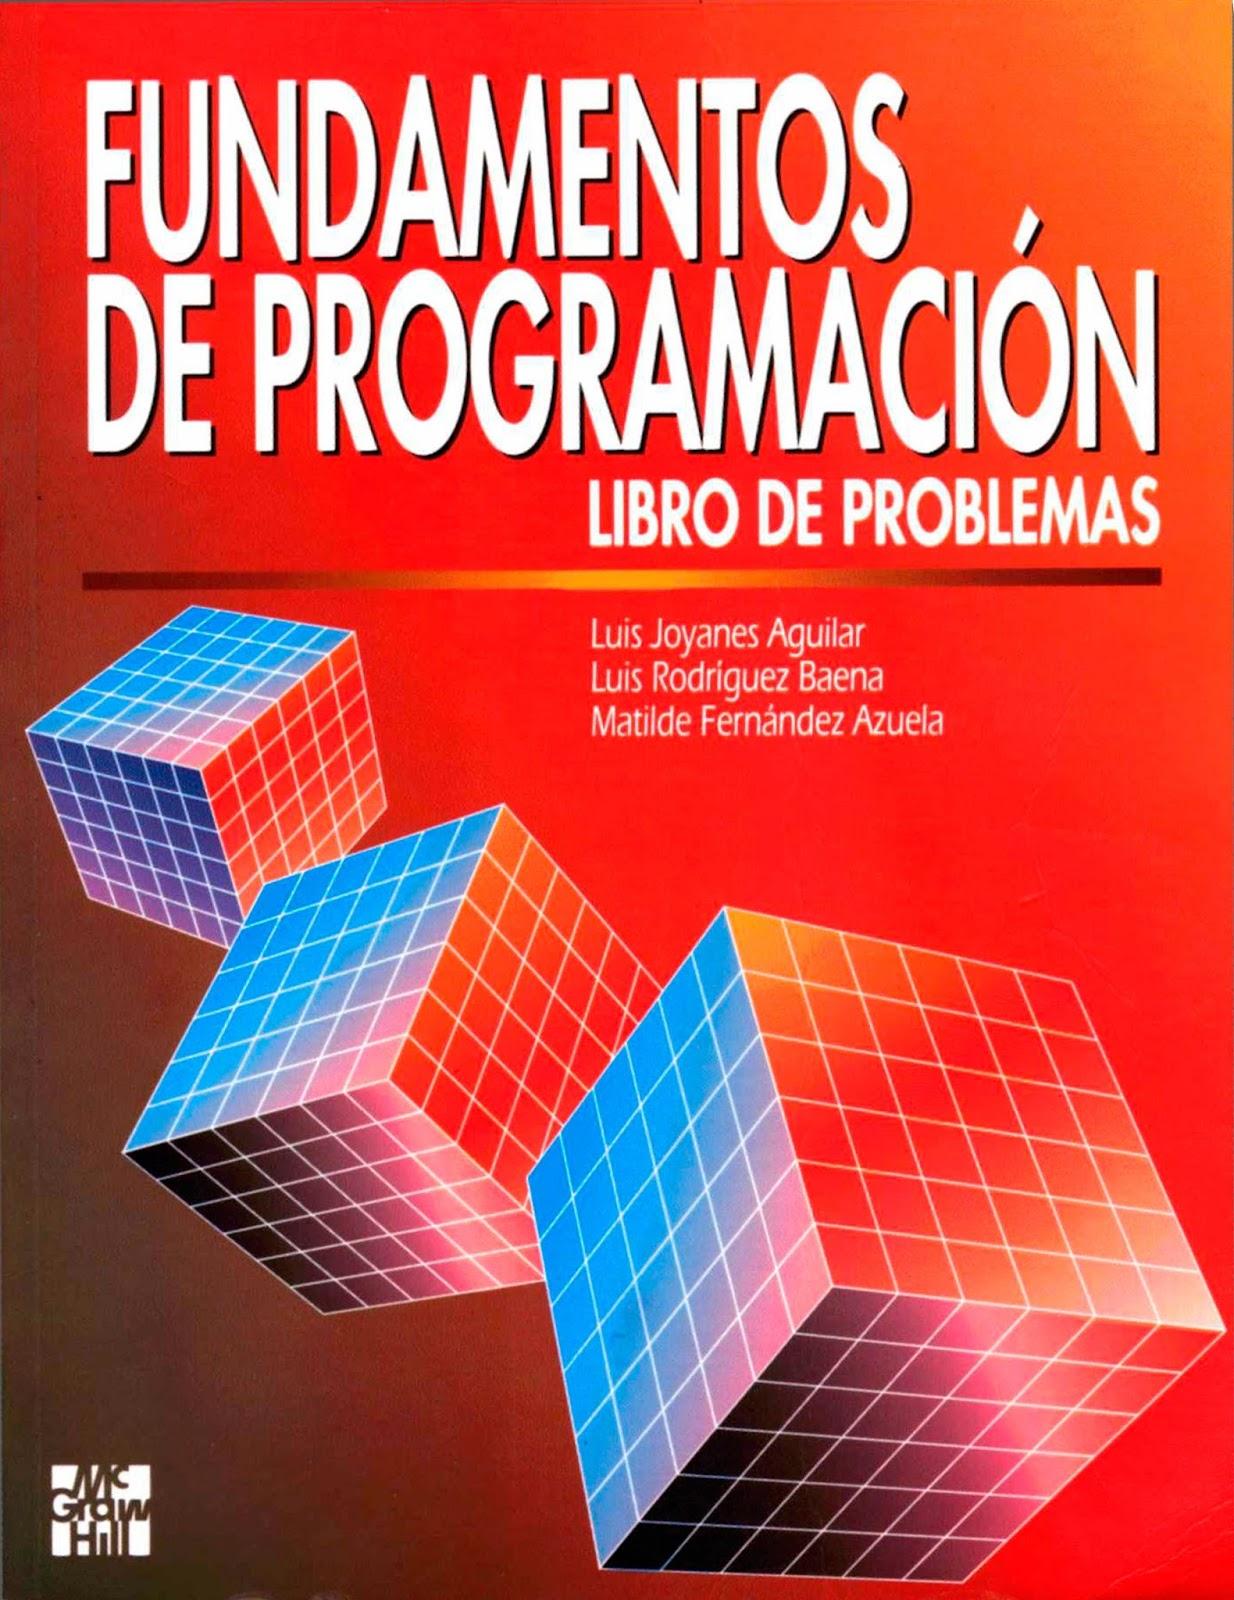 Fundamentos De Programacion Luis Joyanes Aguilar 4 Edicion Ebook Download